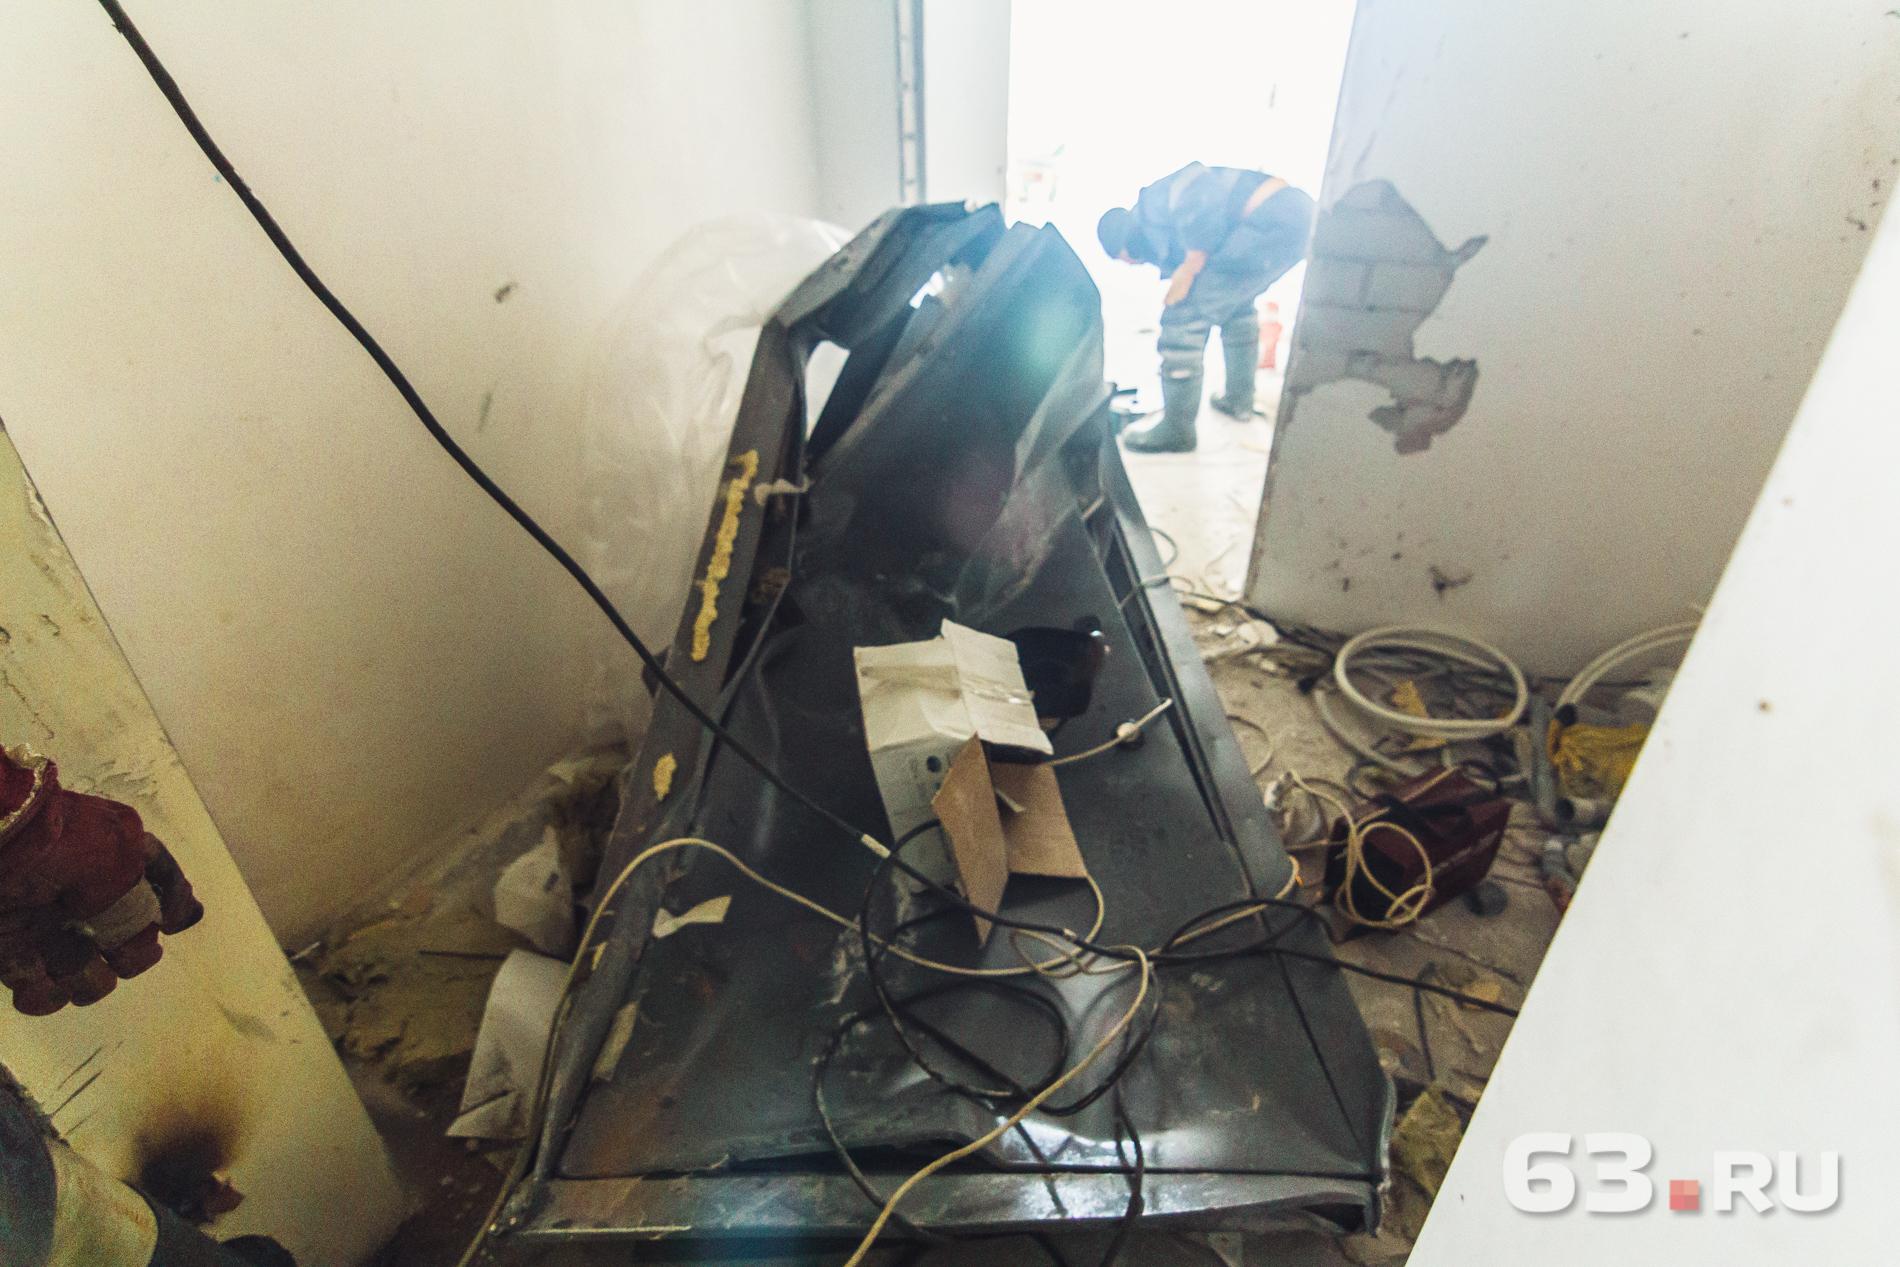 Дверь завалилась вовнутрь квартиры